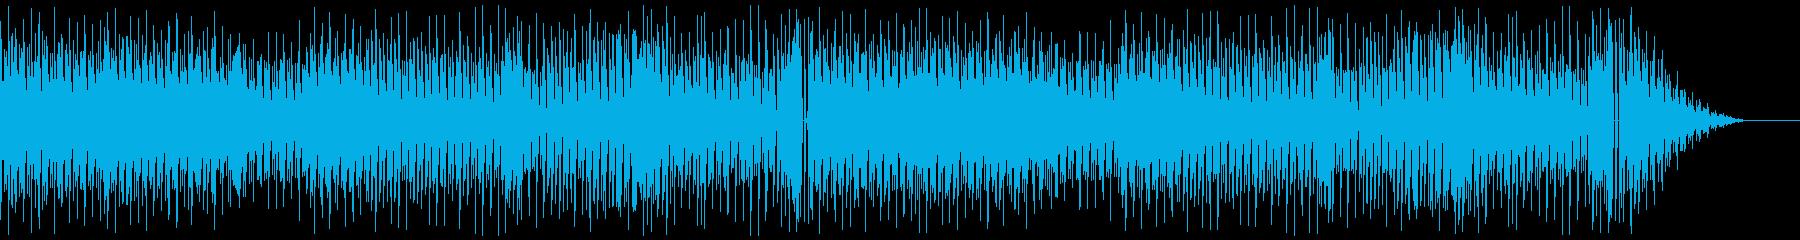 8bit トッカータとフーガ&小フーガの再生済みの波形